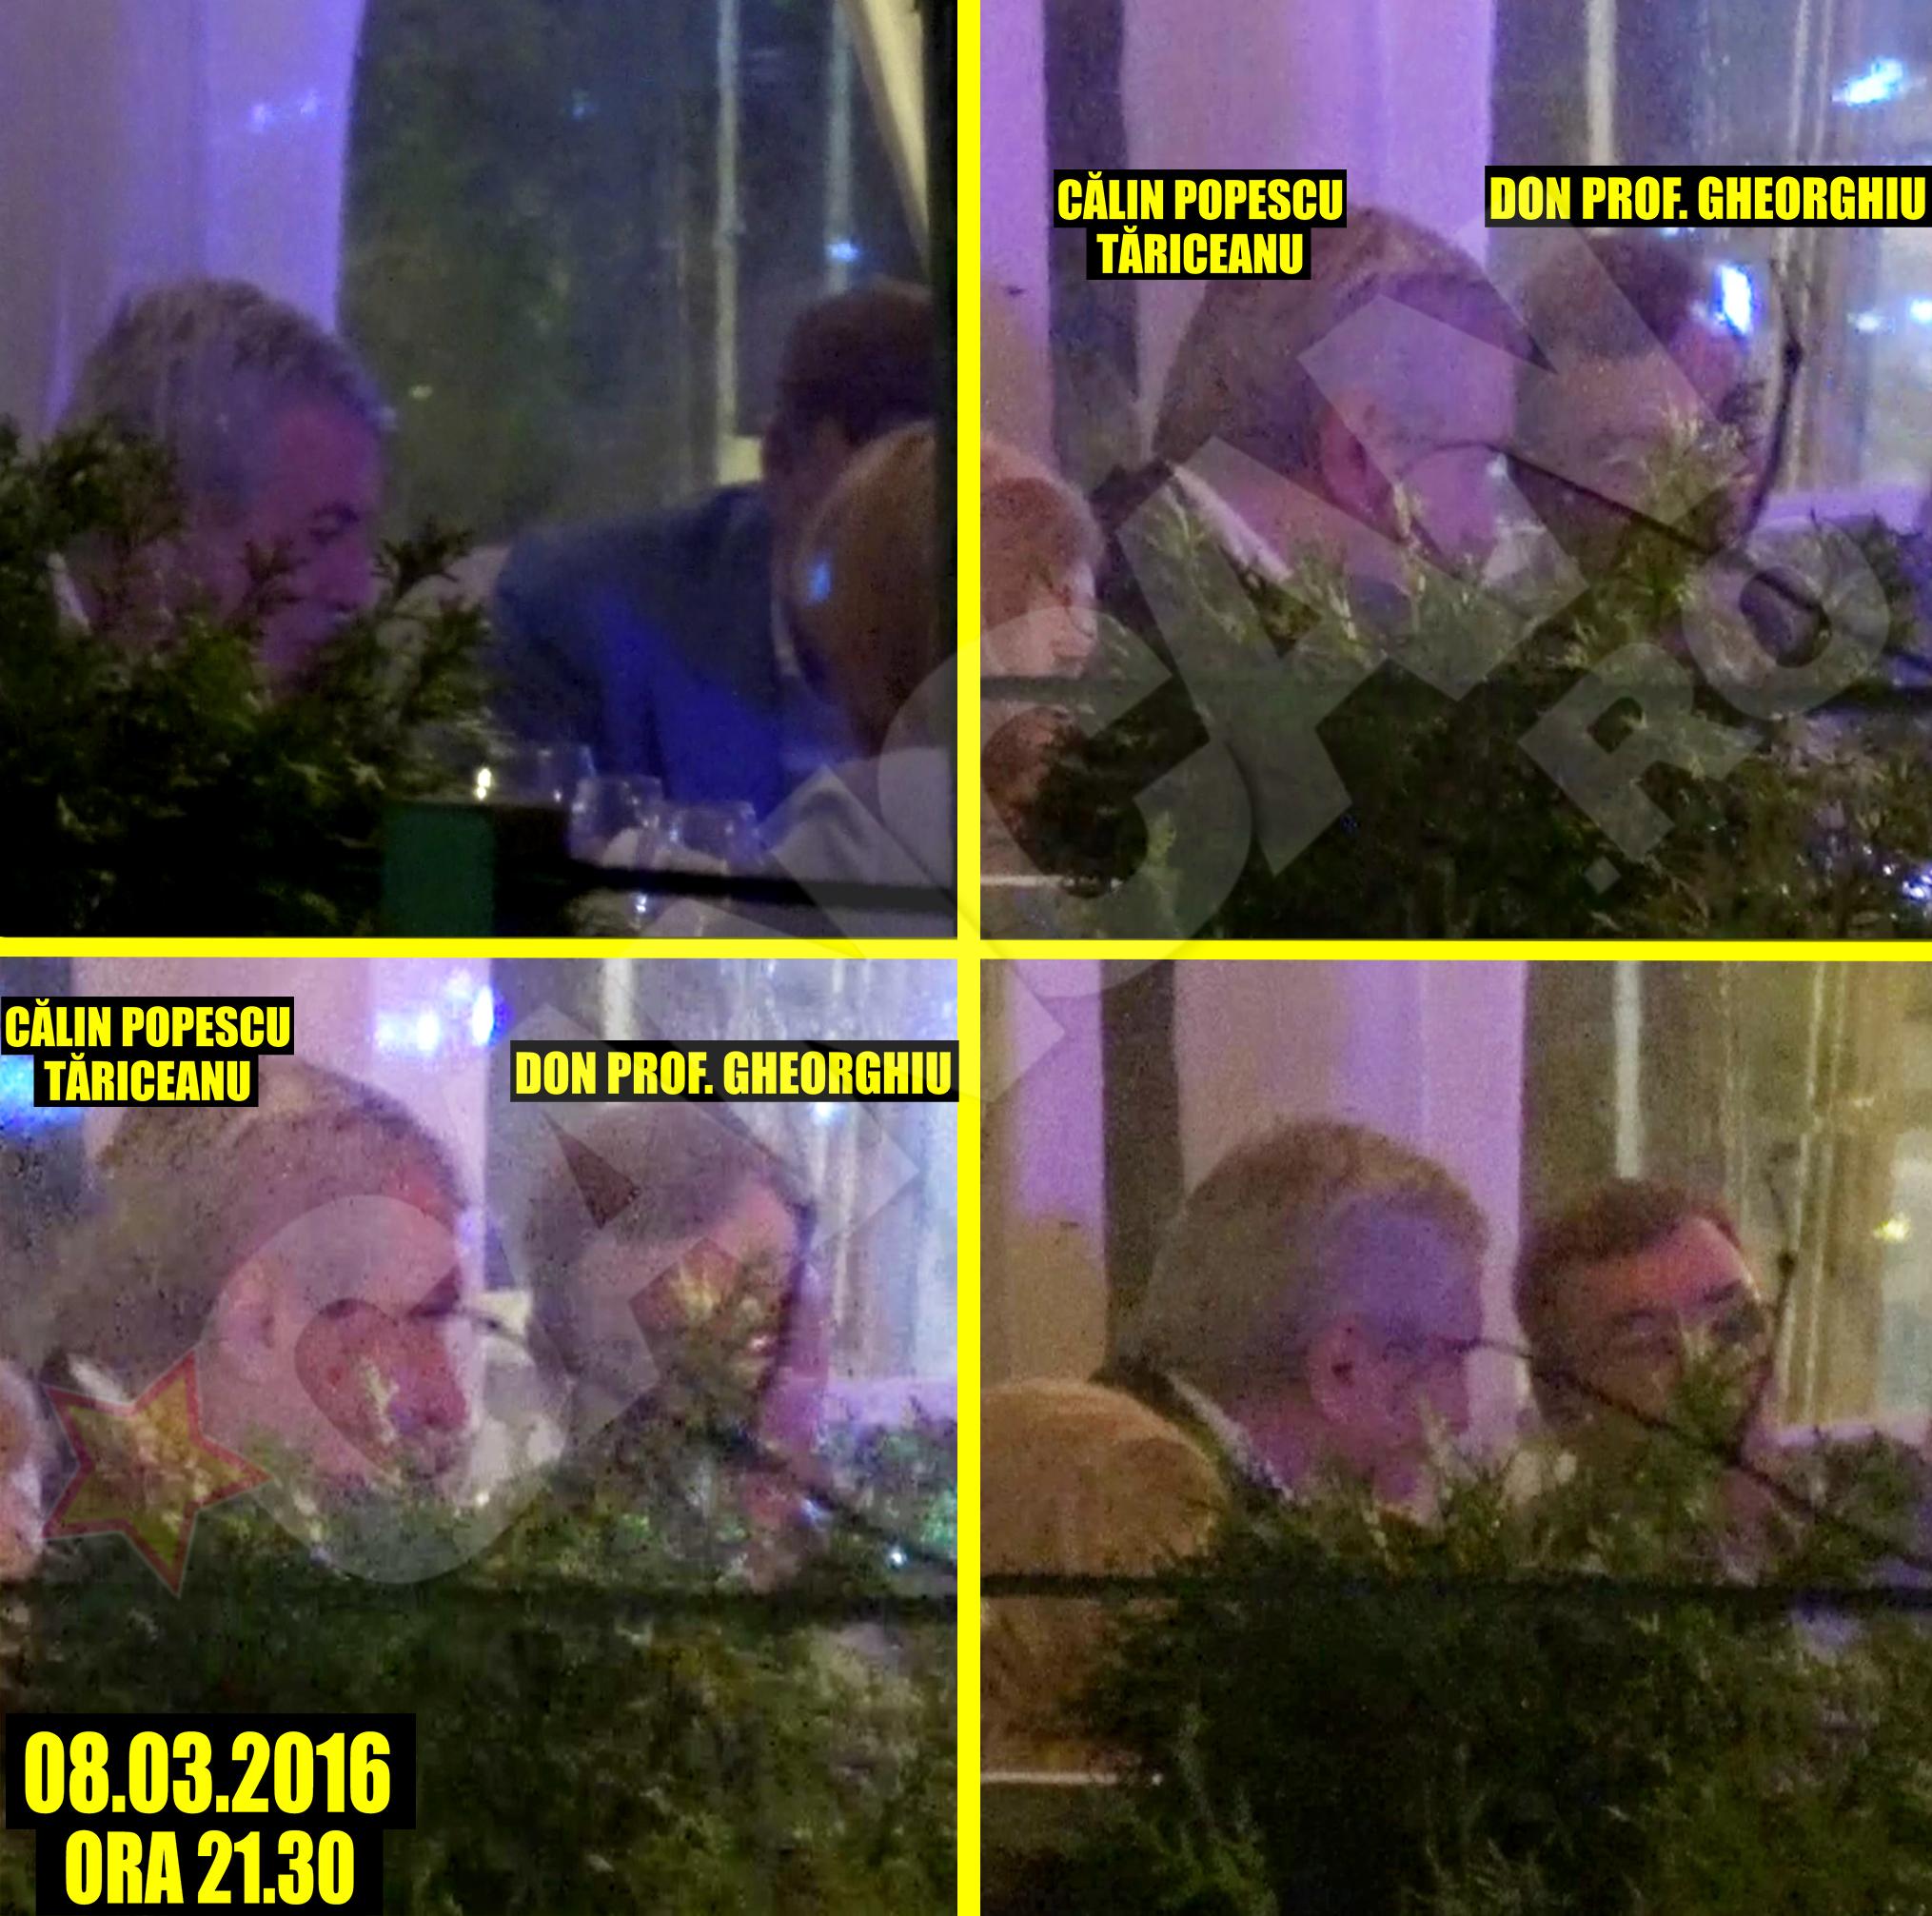 Şeful Senatului şi milionarul Gheorghiu au pus la punct planul, în linişte, fără soţii chiar dacă era Ziua Femeii